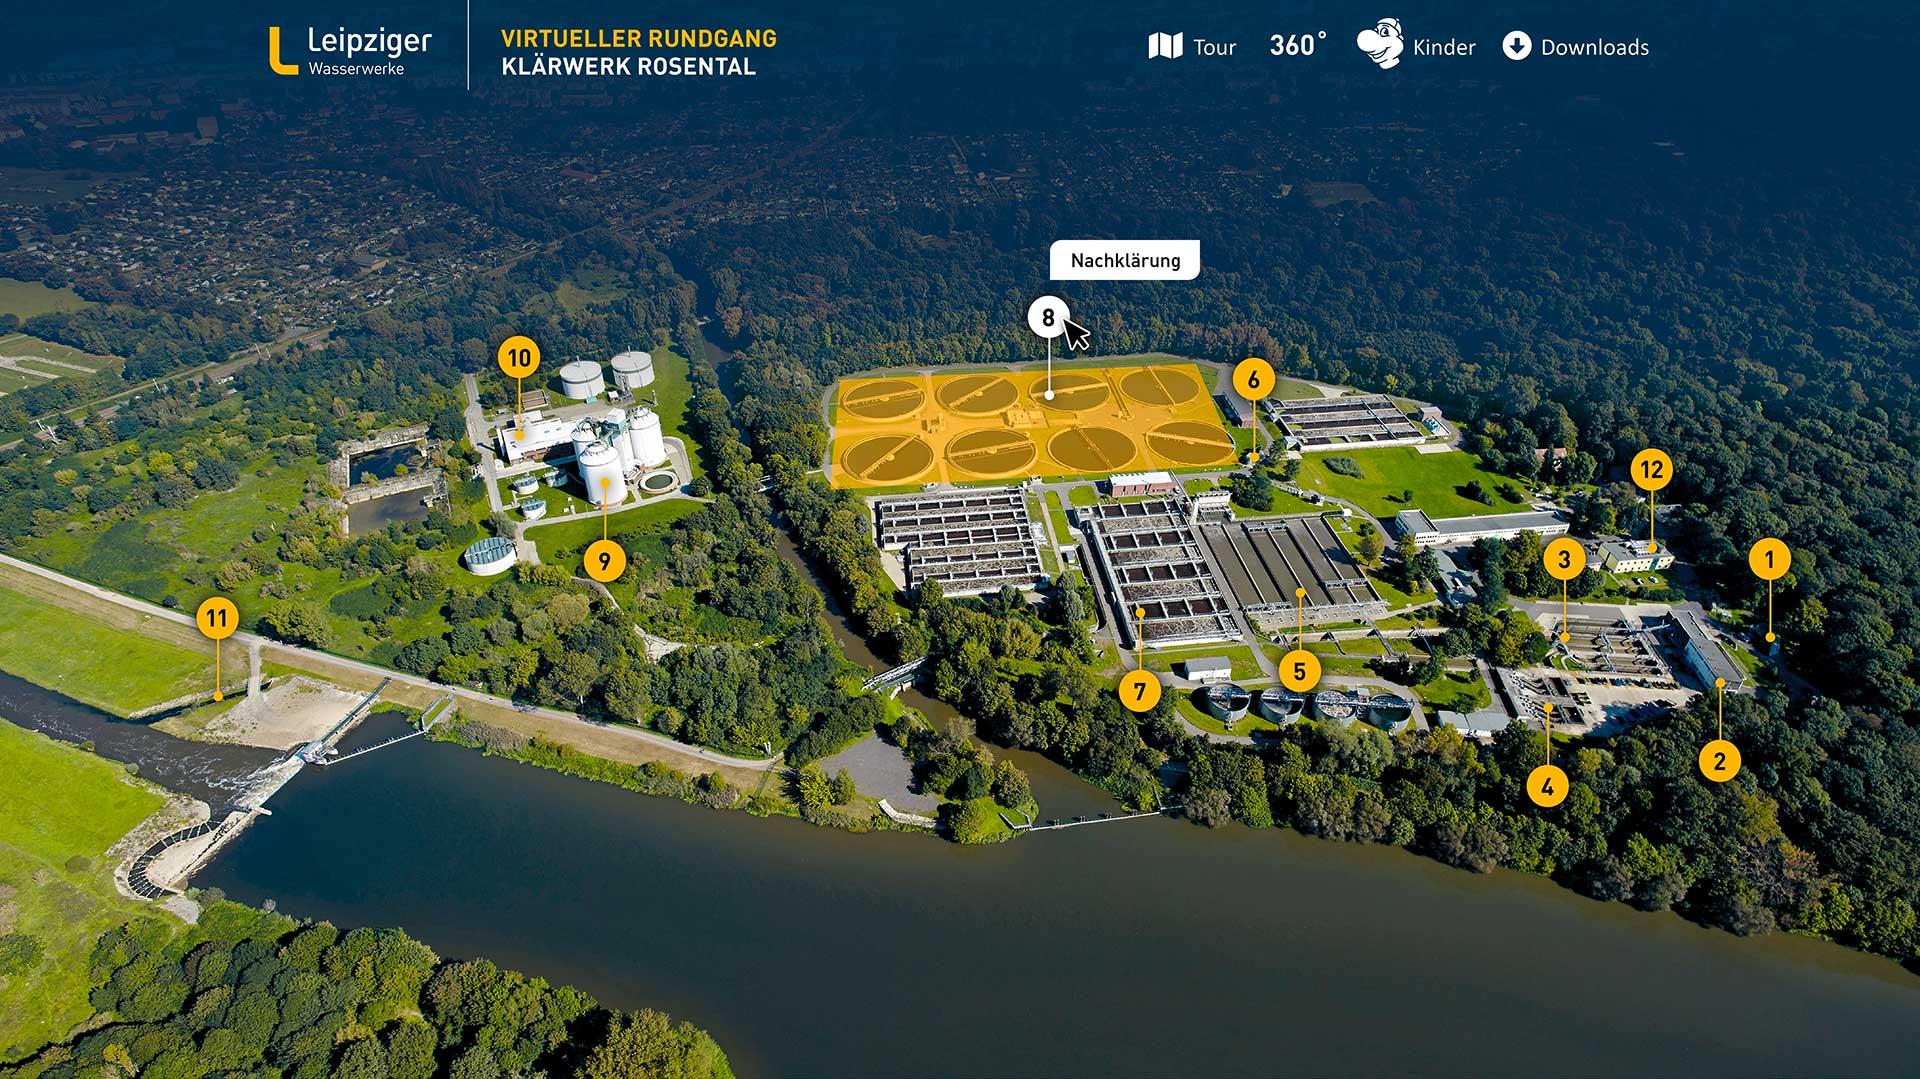 Virtueller Rundgang Navigationskarte Klärwerk Rosental